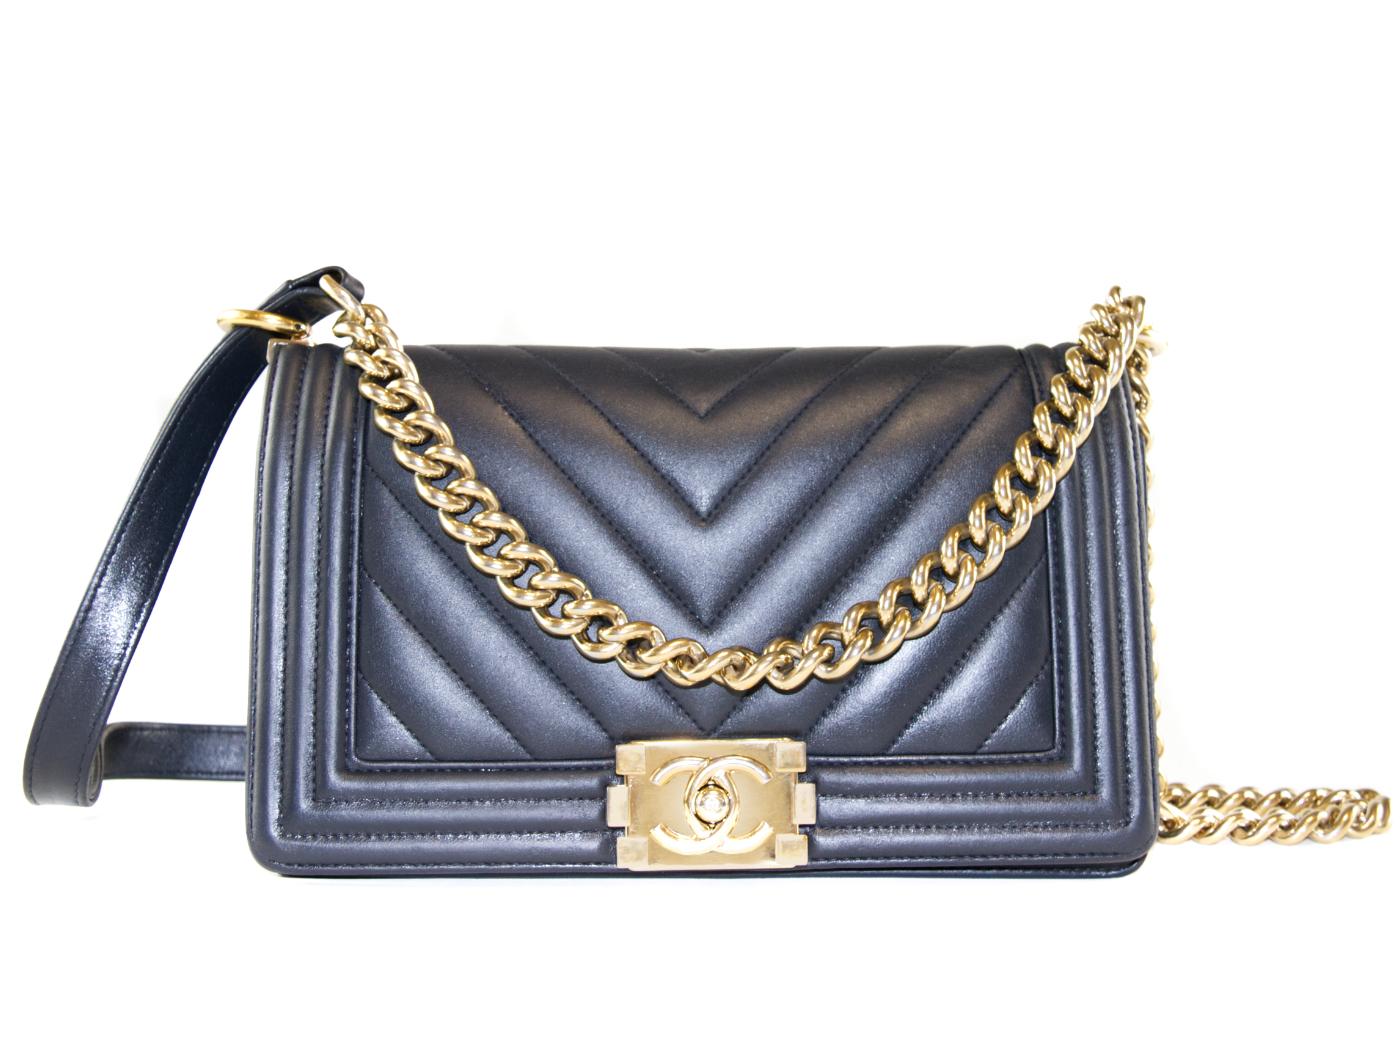 restored Chanel Boy Bag medium calf leather